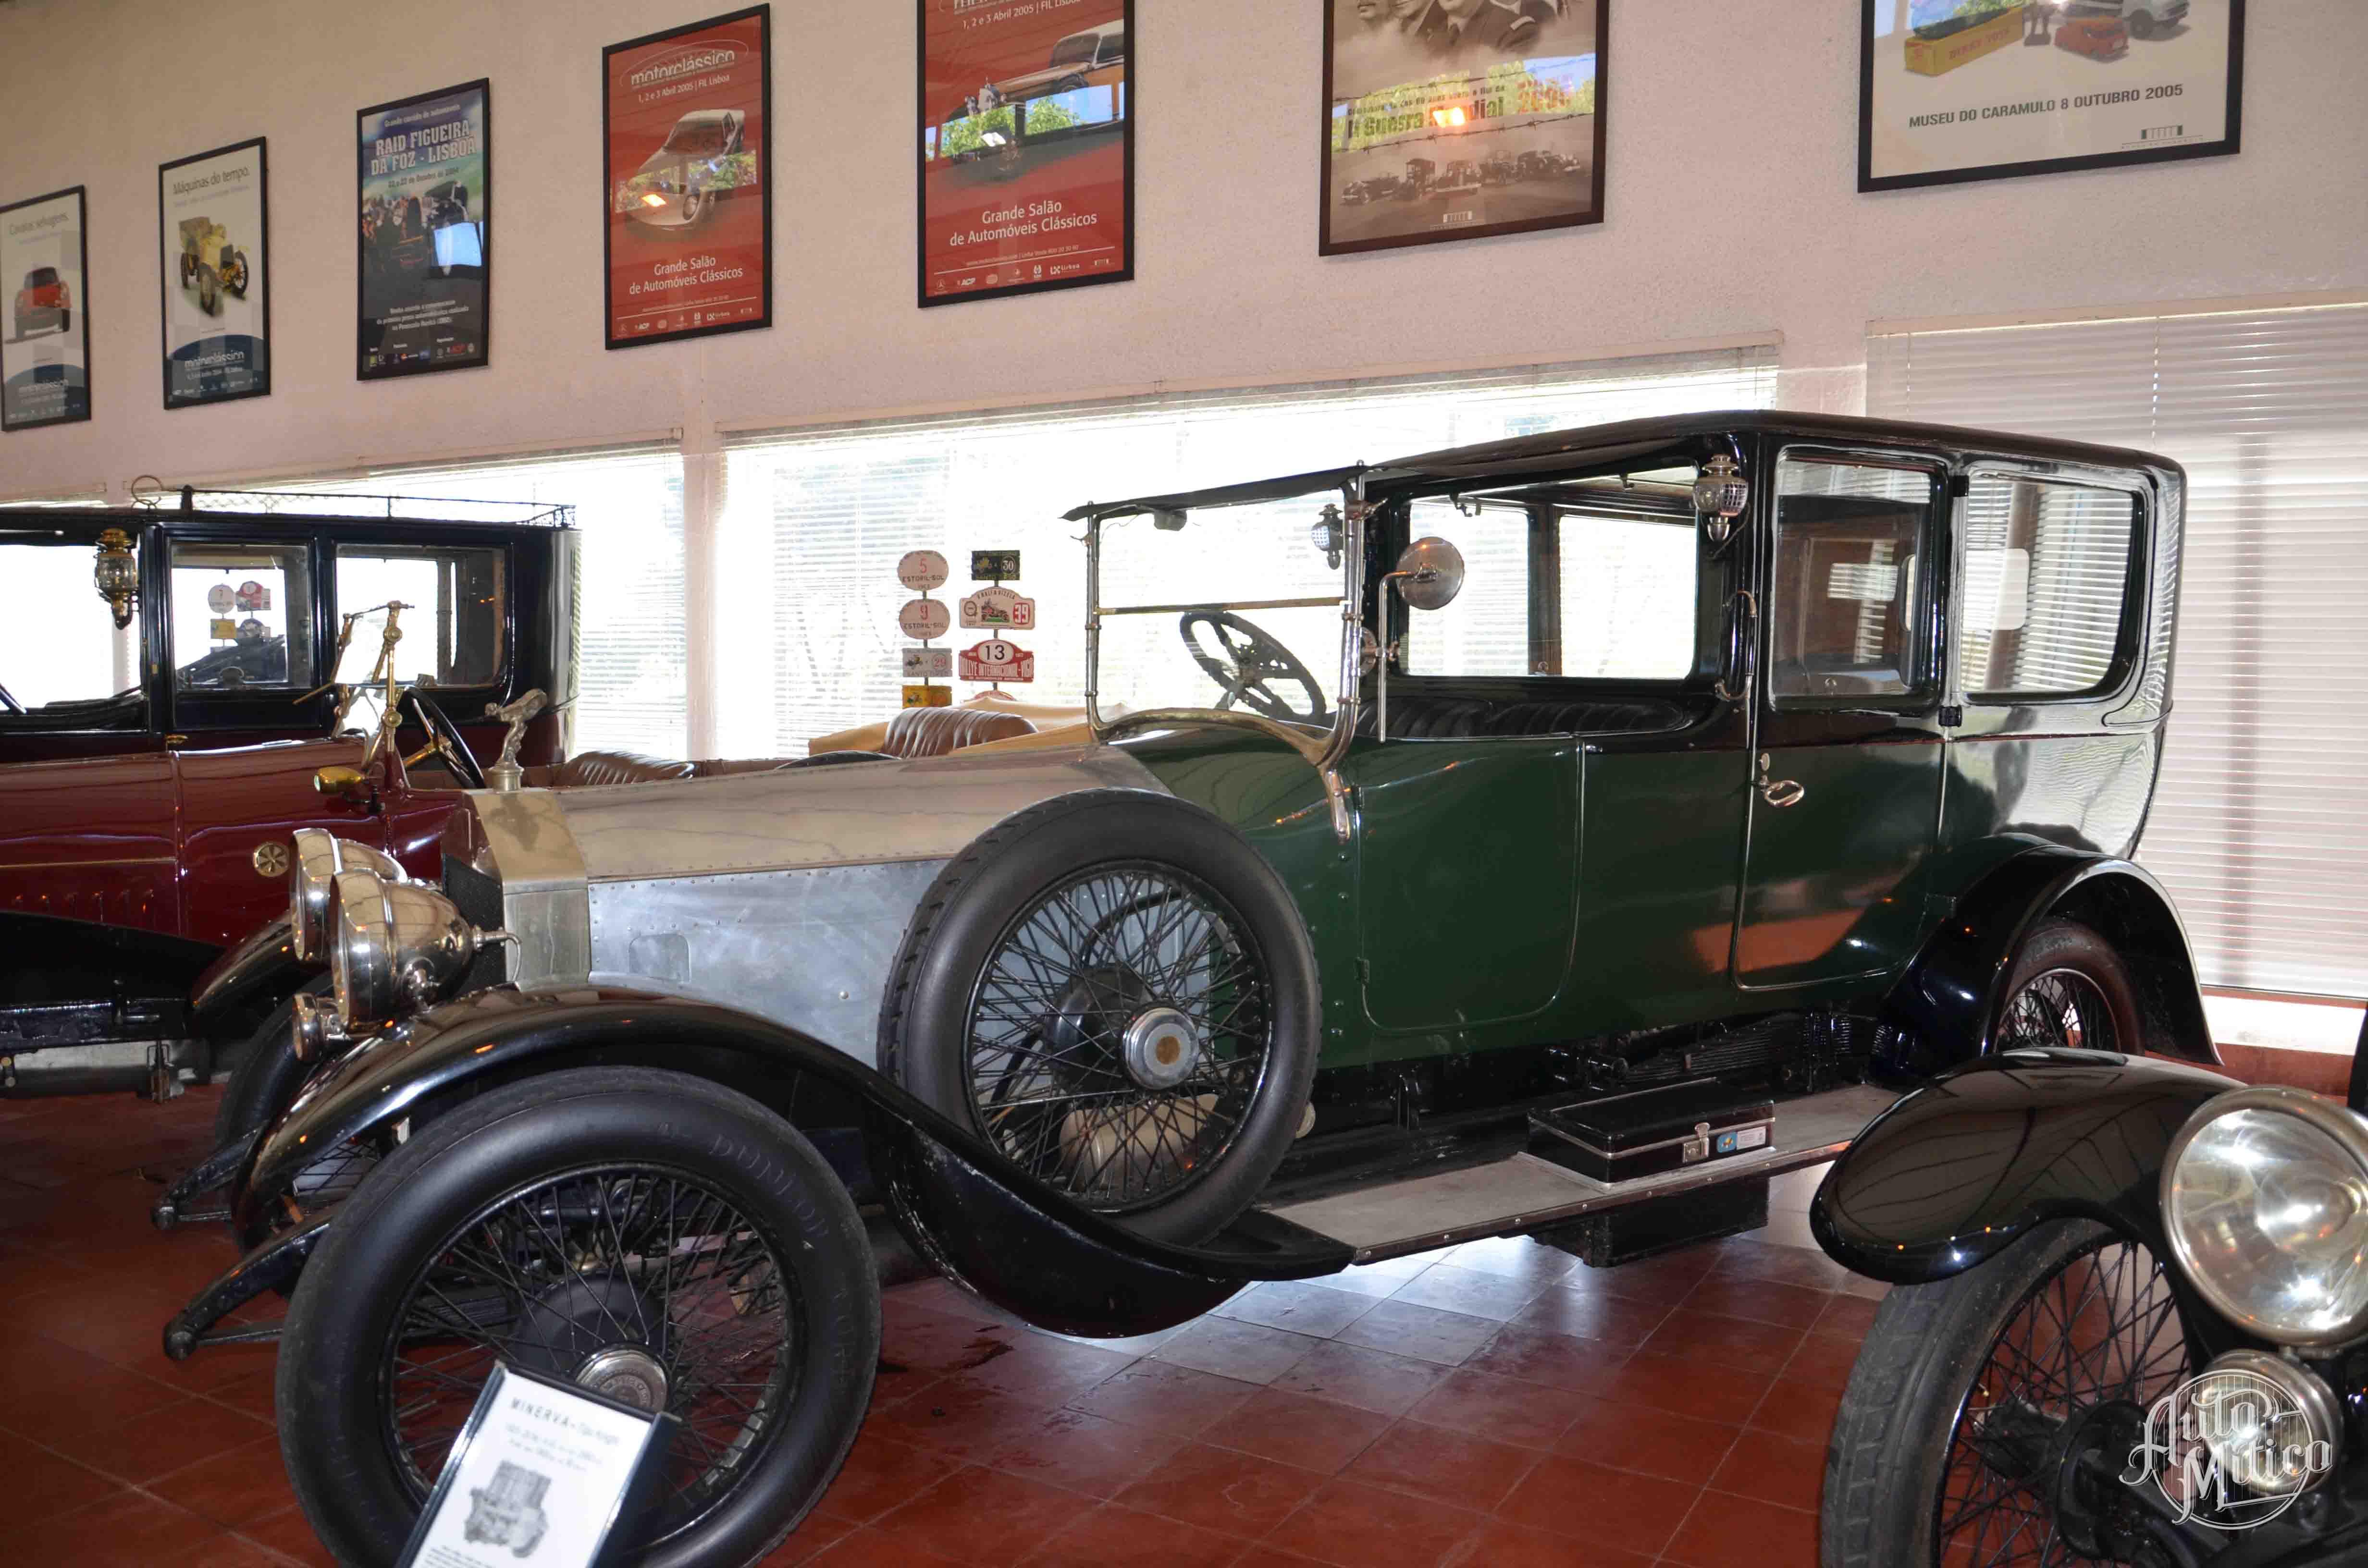 Automitico Caramulo RollsRoyce SilverGhost 1920